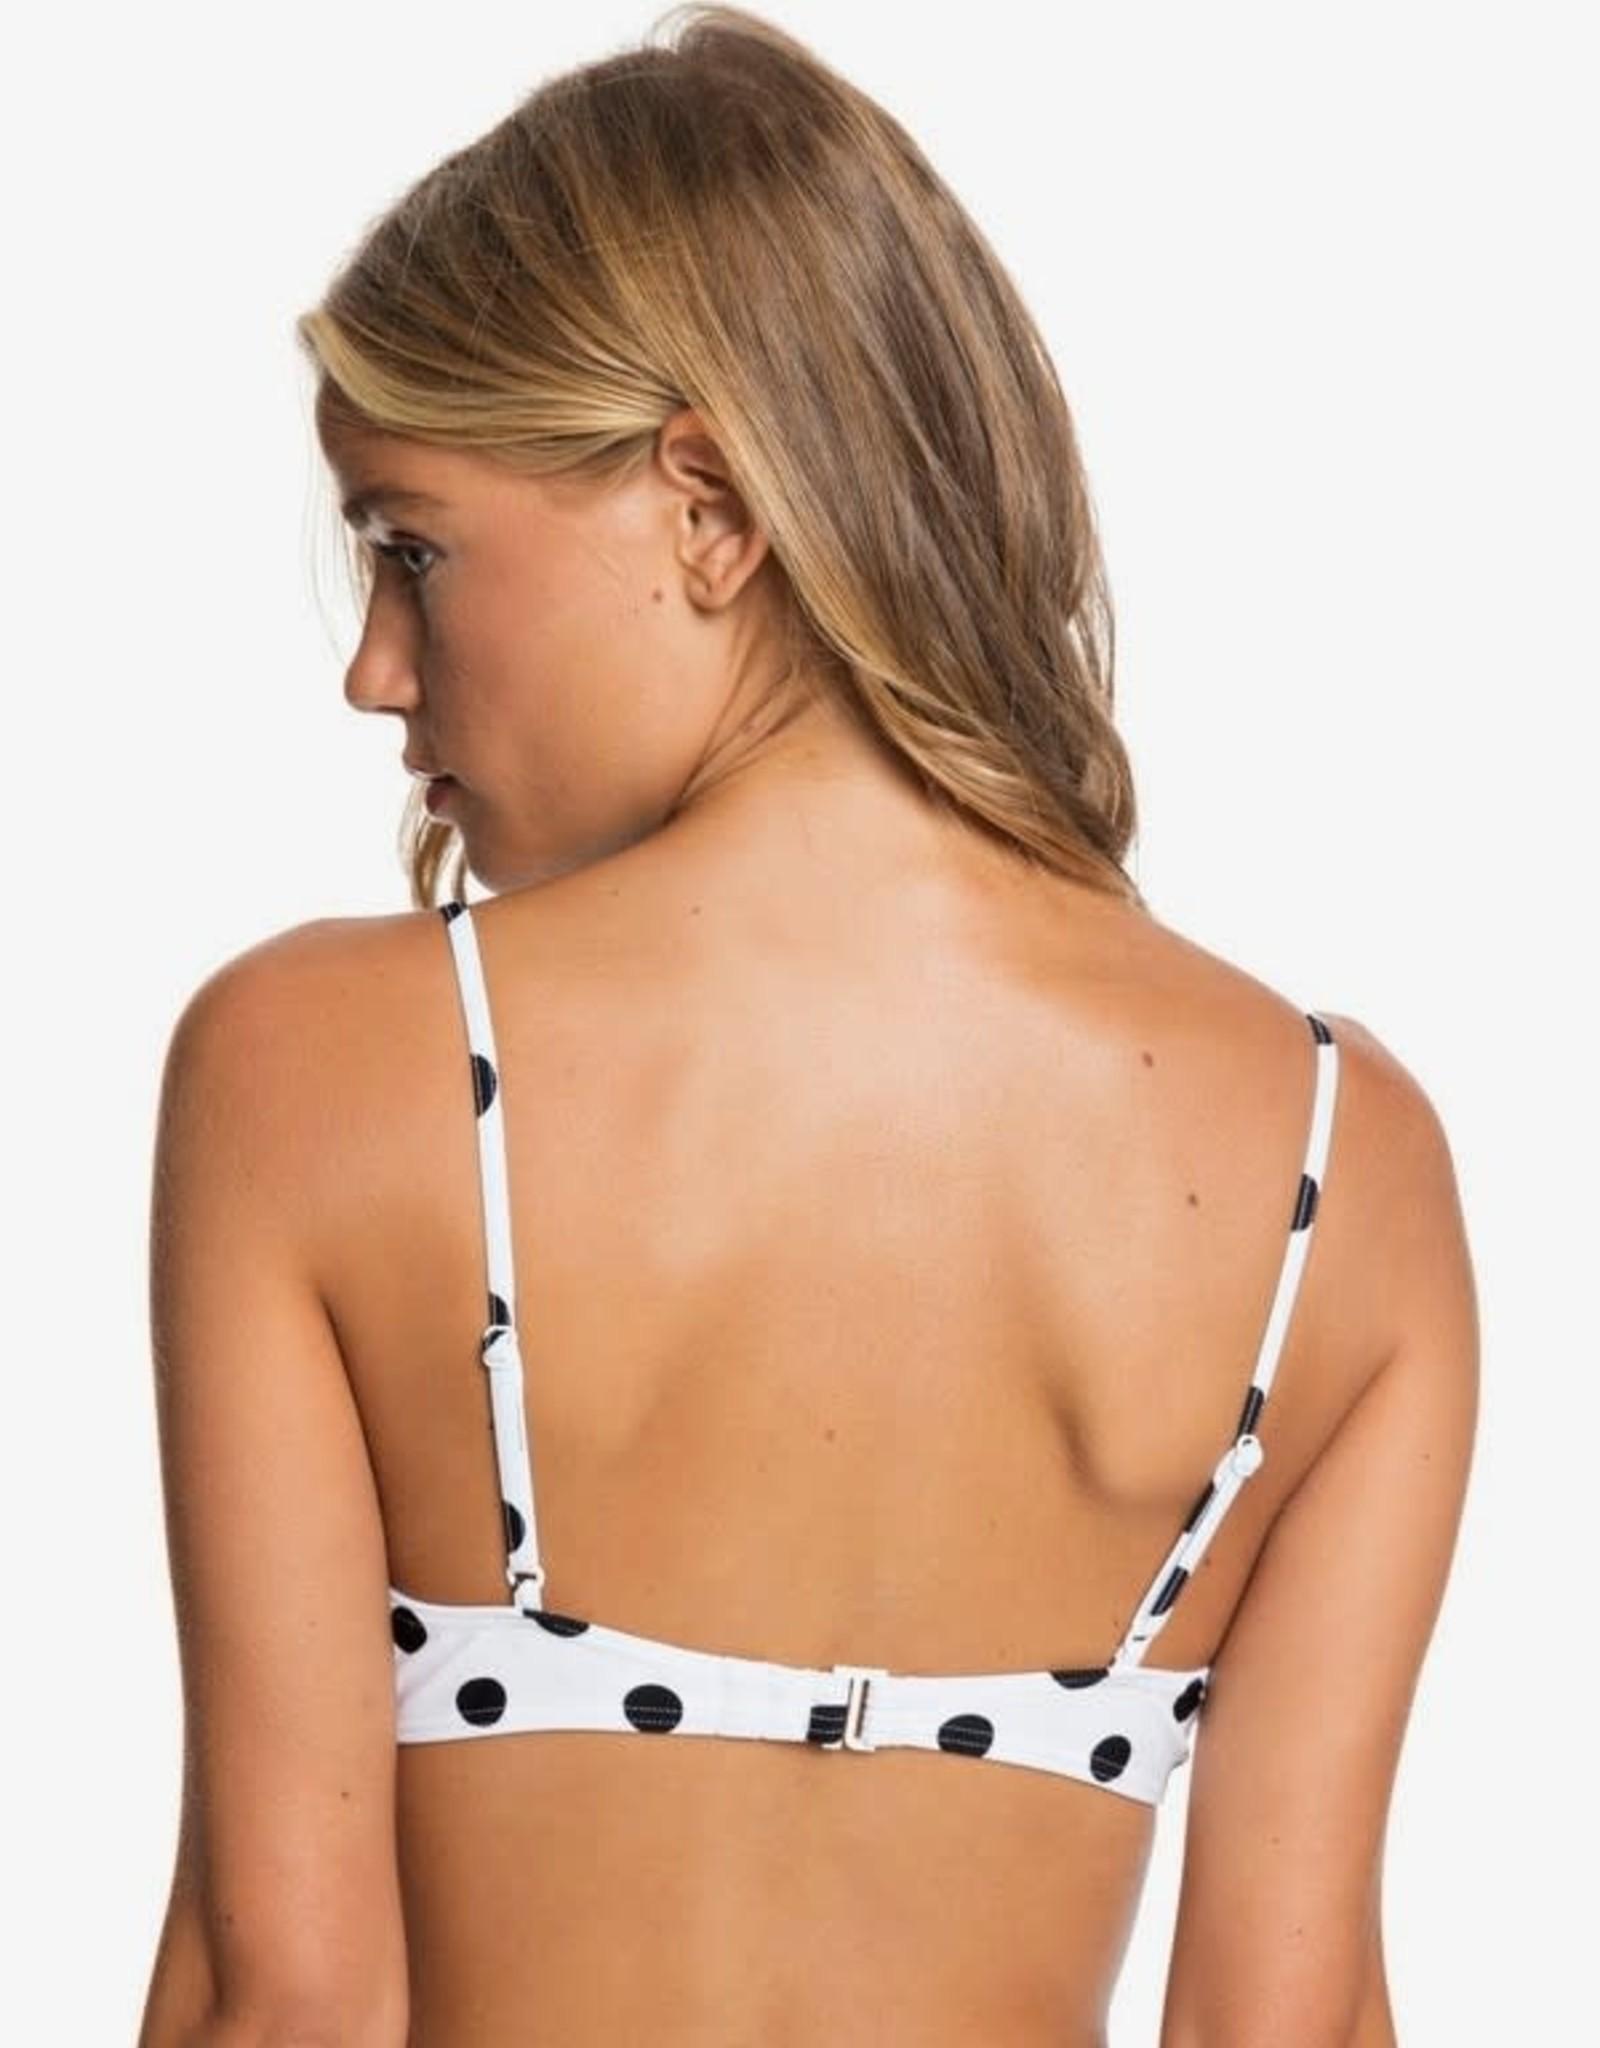 ROXY Groovy Wavy Bralette Bikini Top